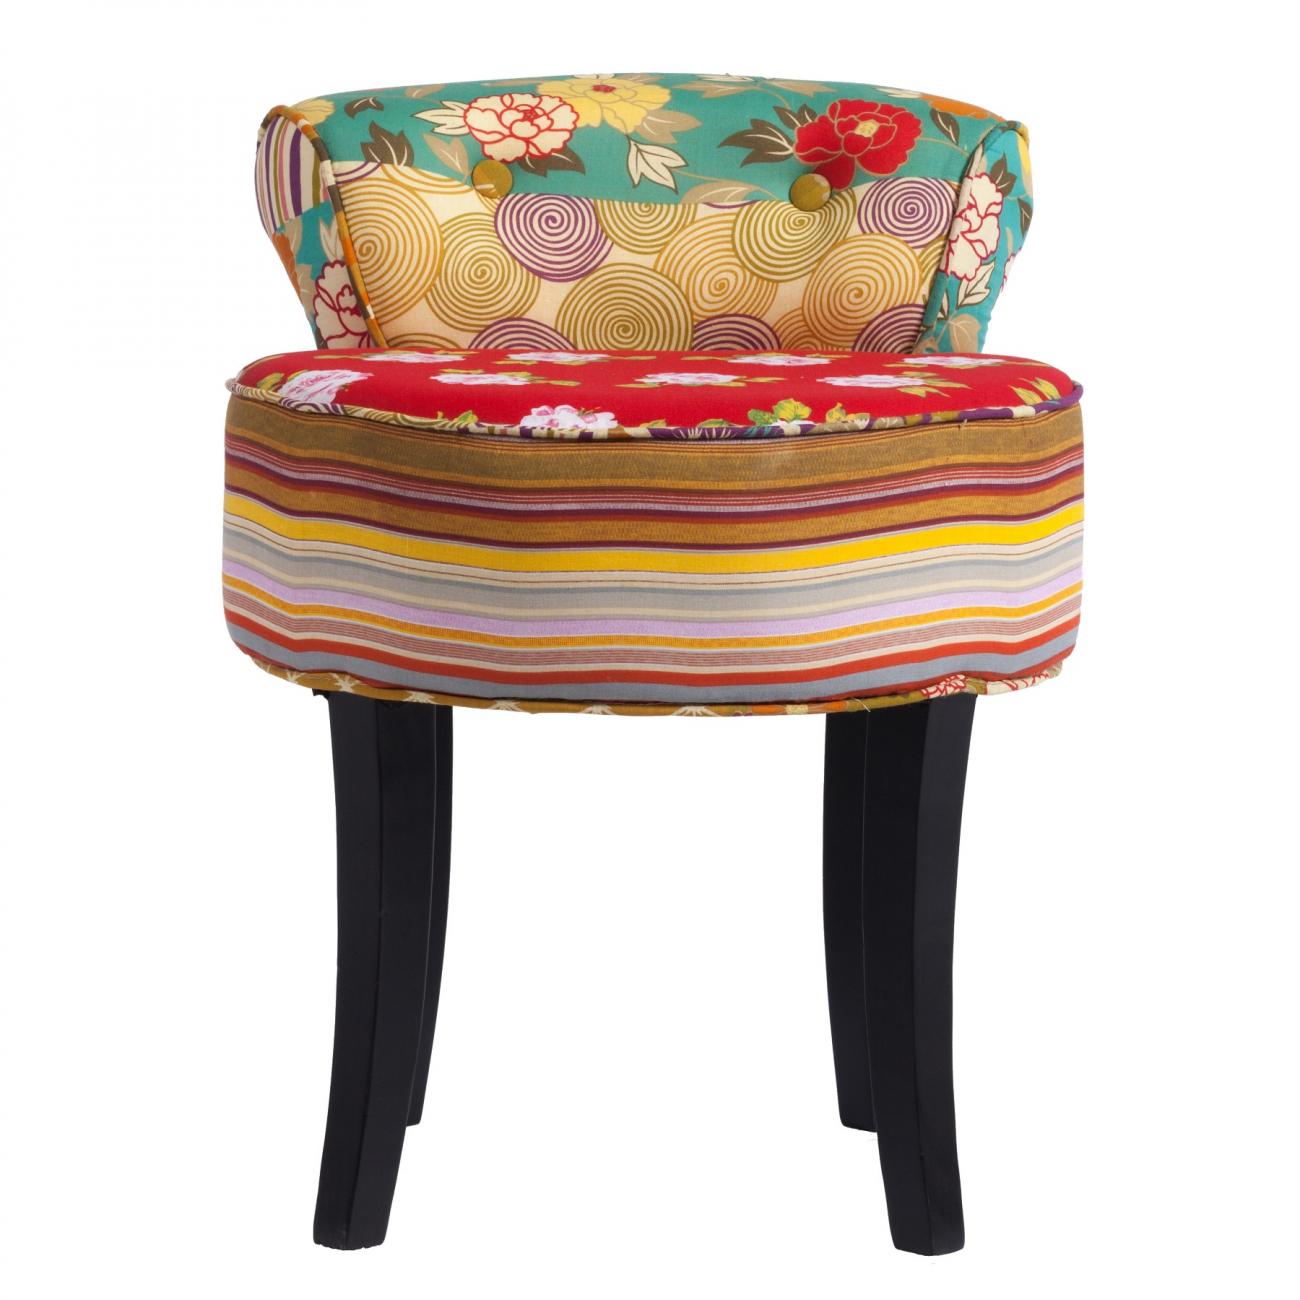 Купить Стул Chevalier Рисунок Лен в интернет магазине дизайнерской мебели и аксессуаров для дома и дачи